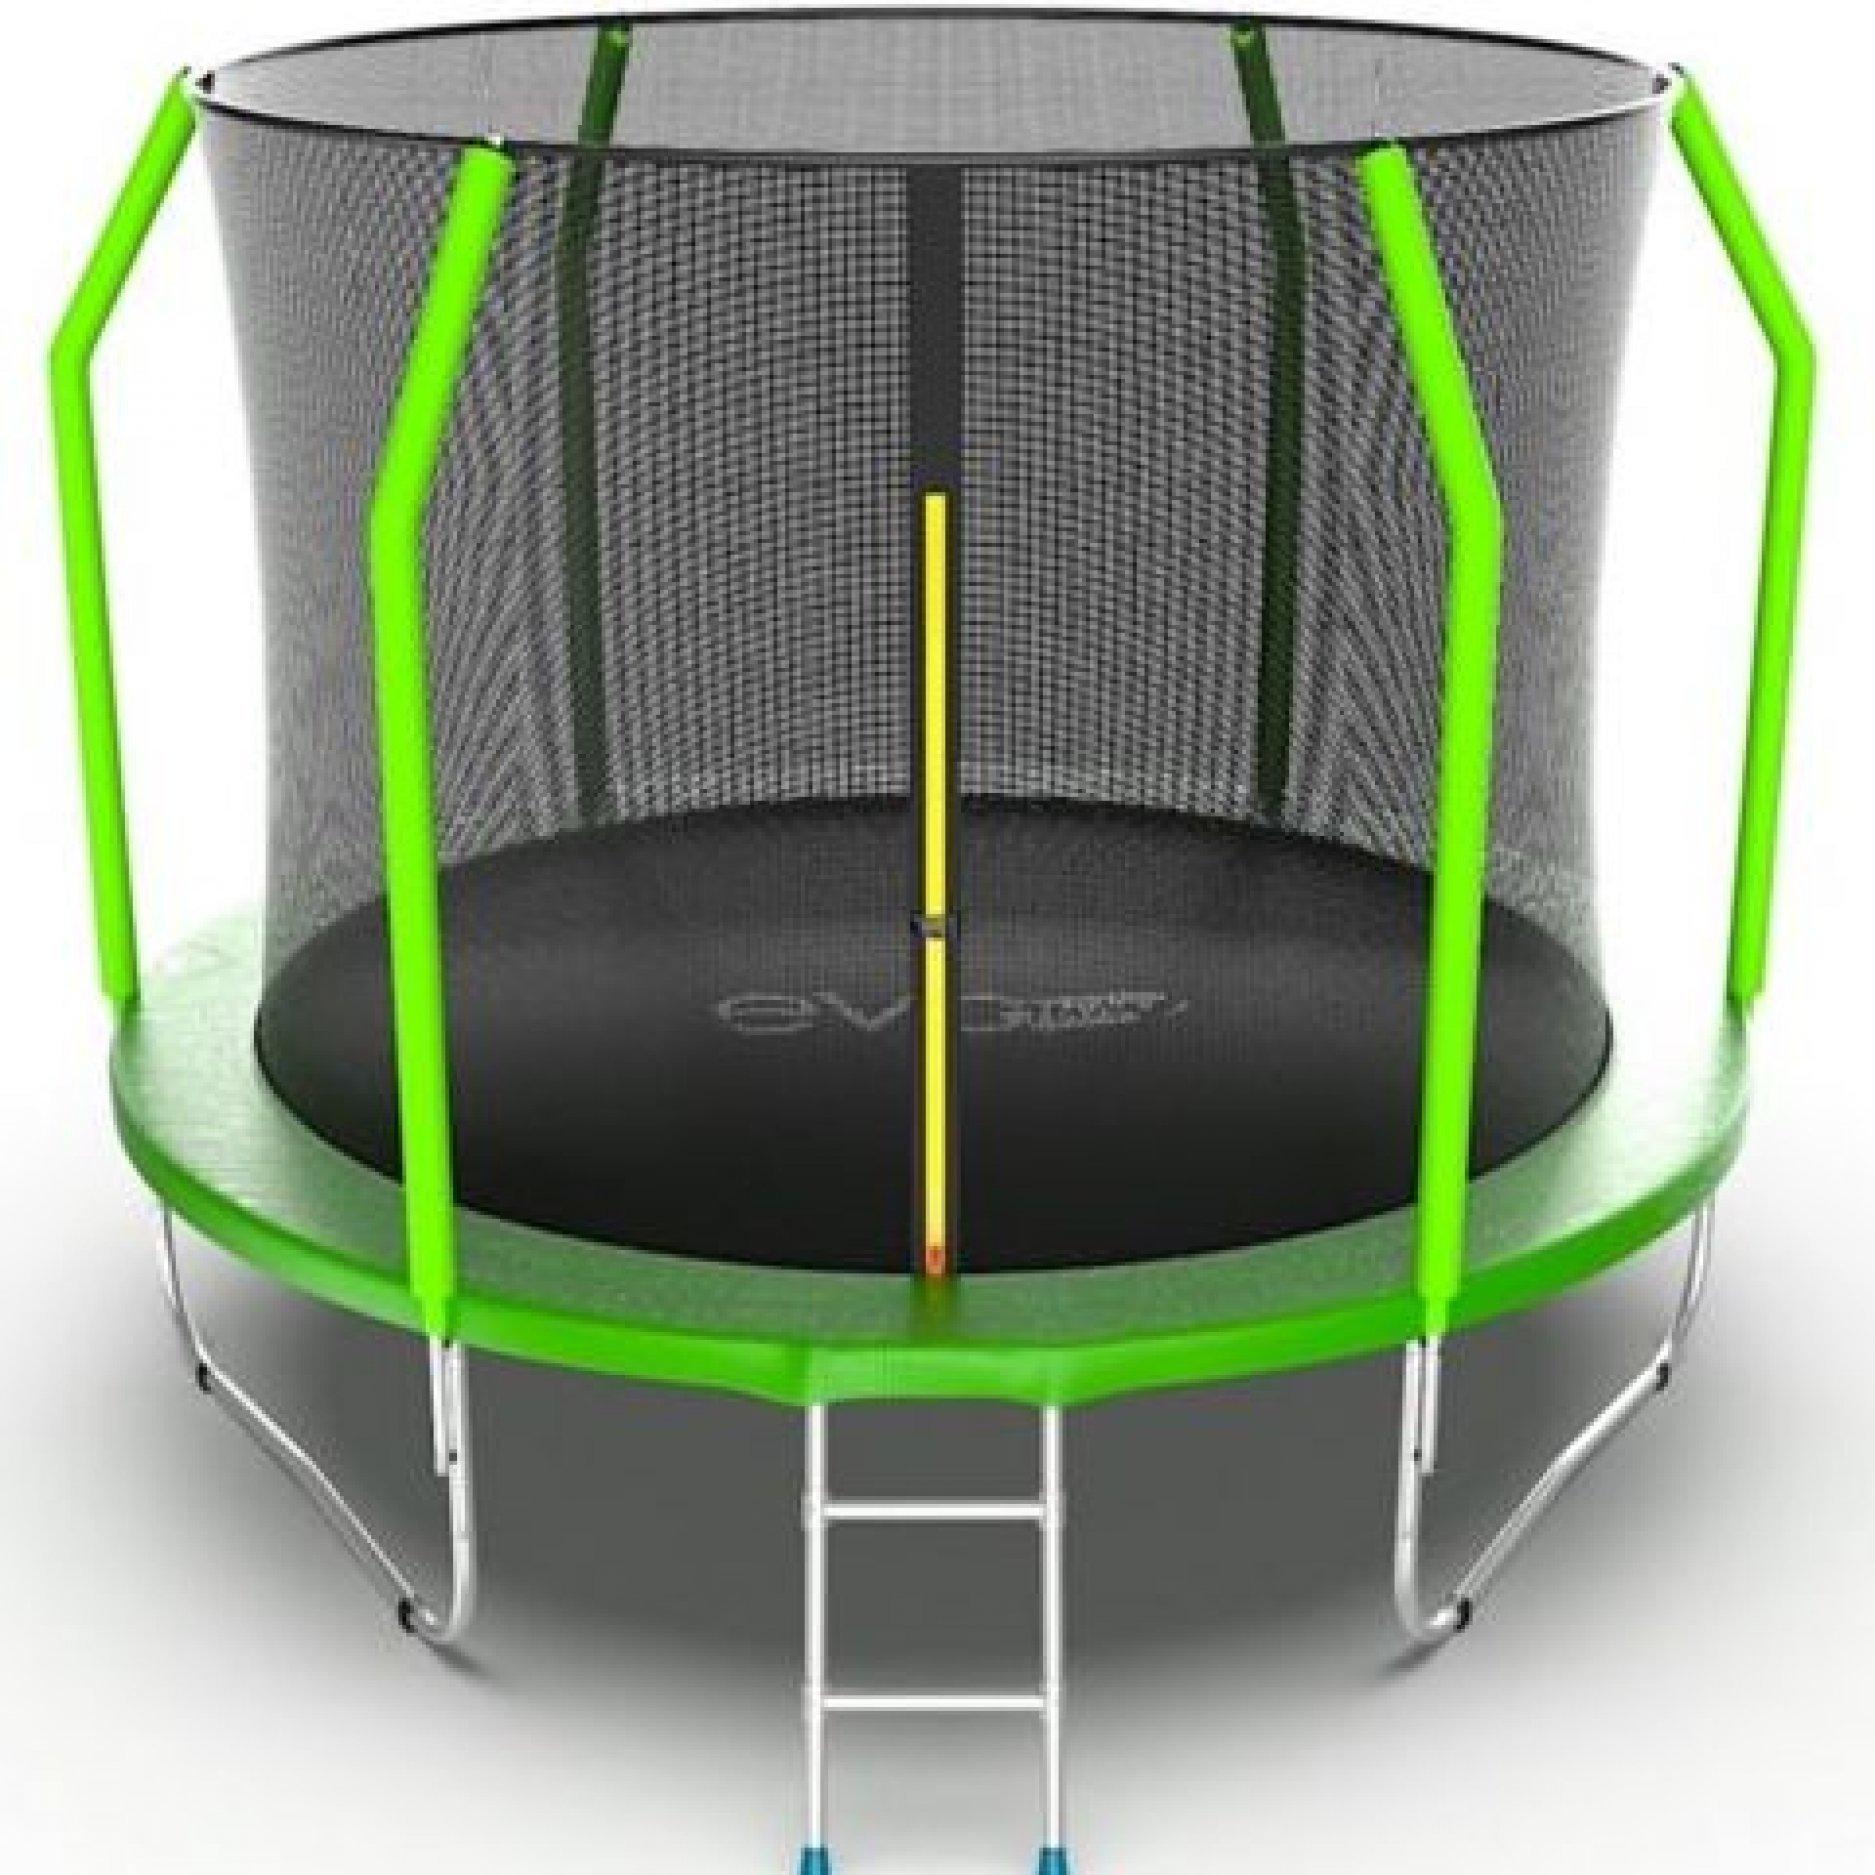 Батут EVO Jump Cosmo 10ft (Green) + Lower net. с внутренней сеткой и лестницей + нижняя сеть